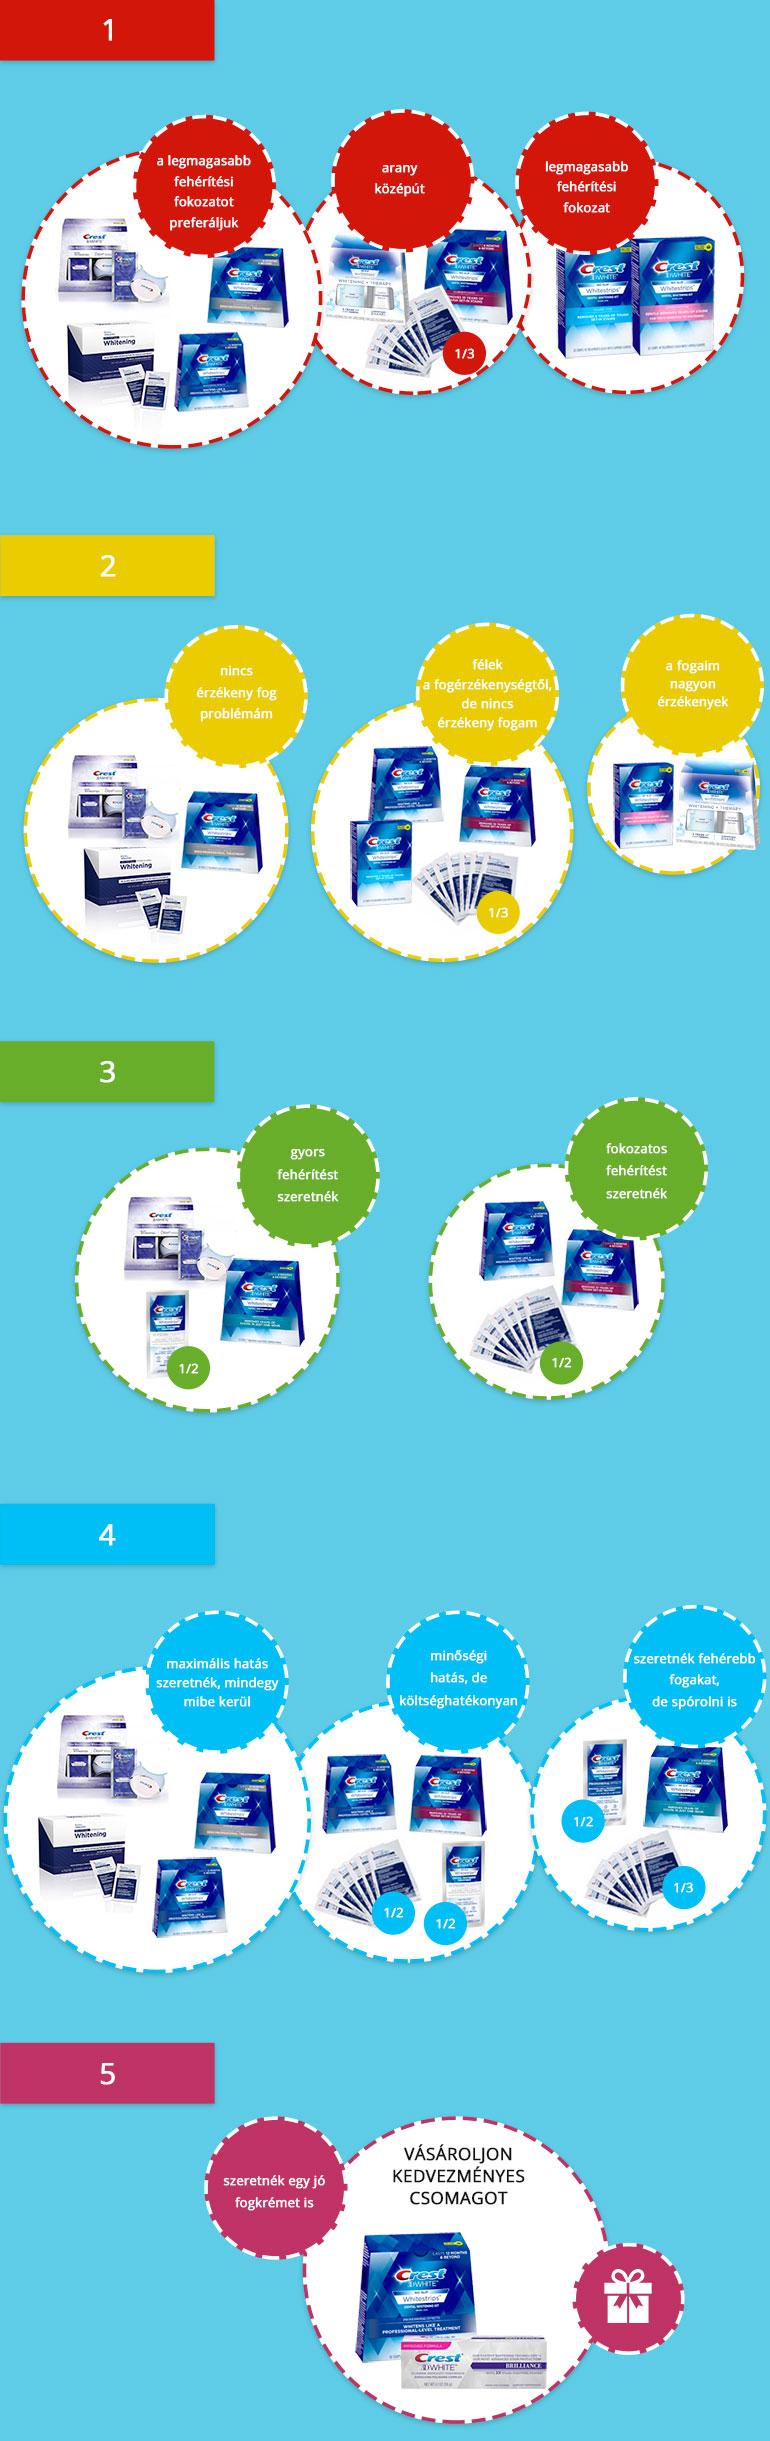 A fehérítő matricák kiválasztásával kapcsolatos tanácsokat és ajánlásokat ábrázoló infografika.